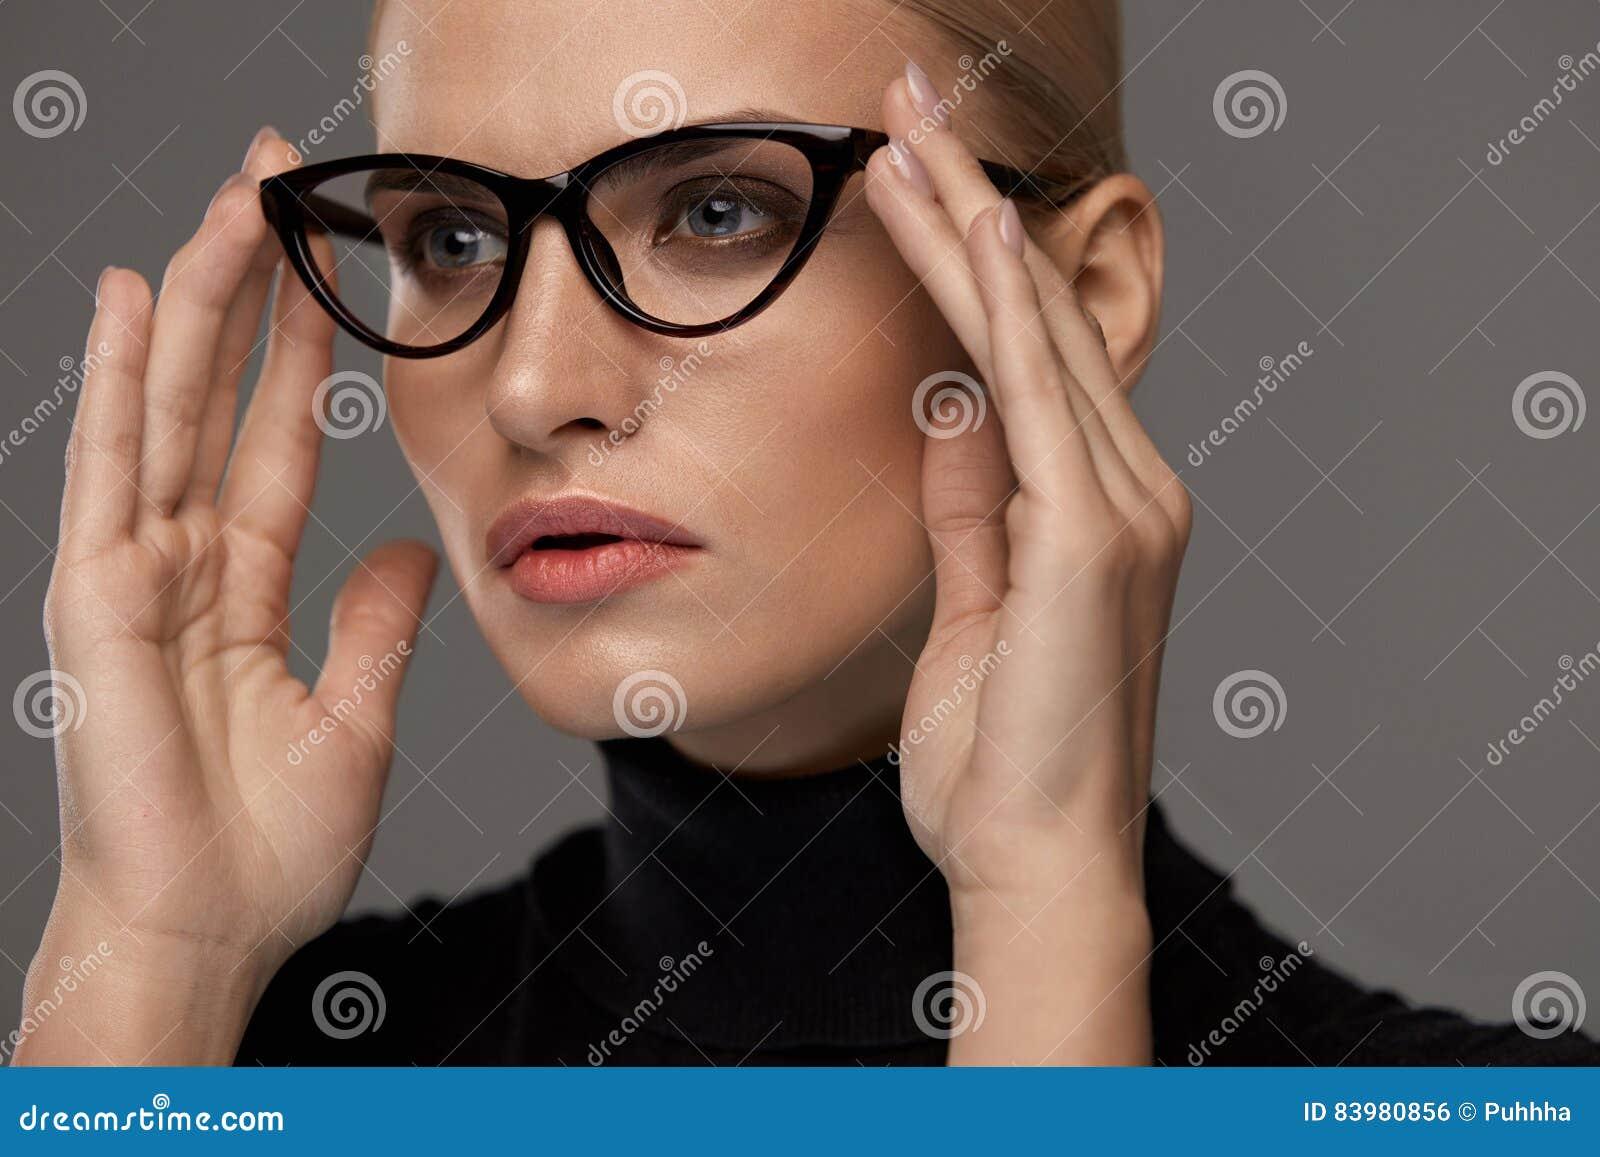 6ef3669eae Estilo femenino de las gafas Retrato de las lentes atractivas hermosas de  la moda de la mujer que llevan joven en Grey Background Primer del bastidor  modelo ...